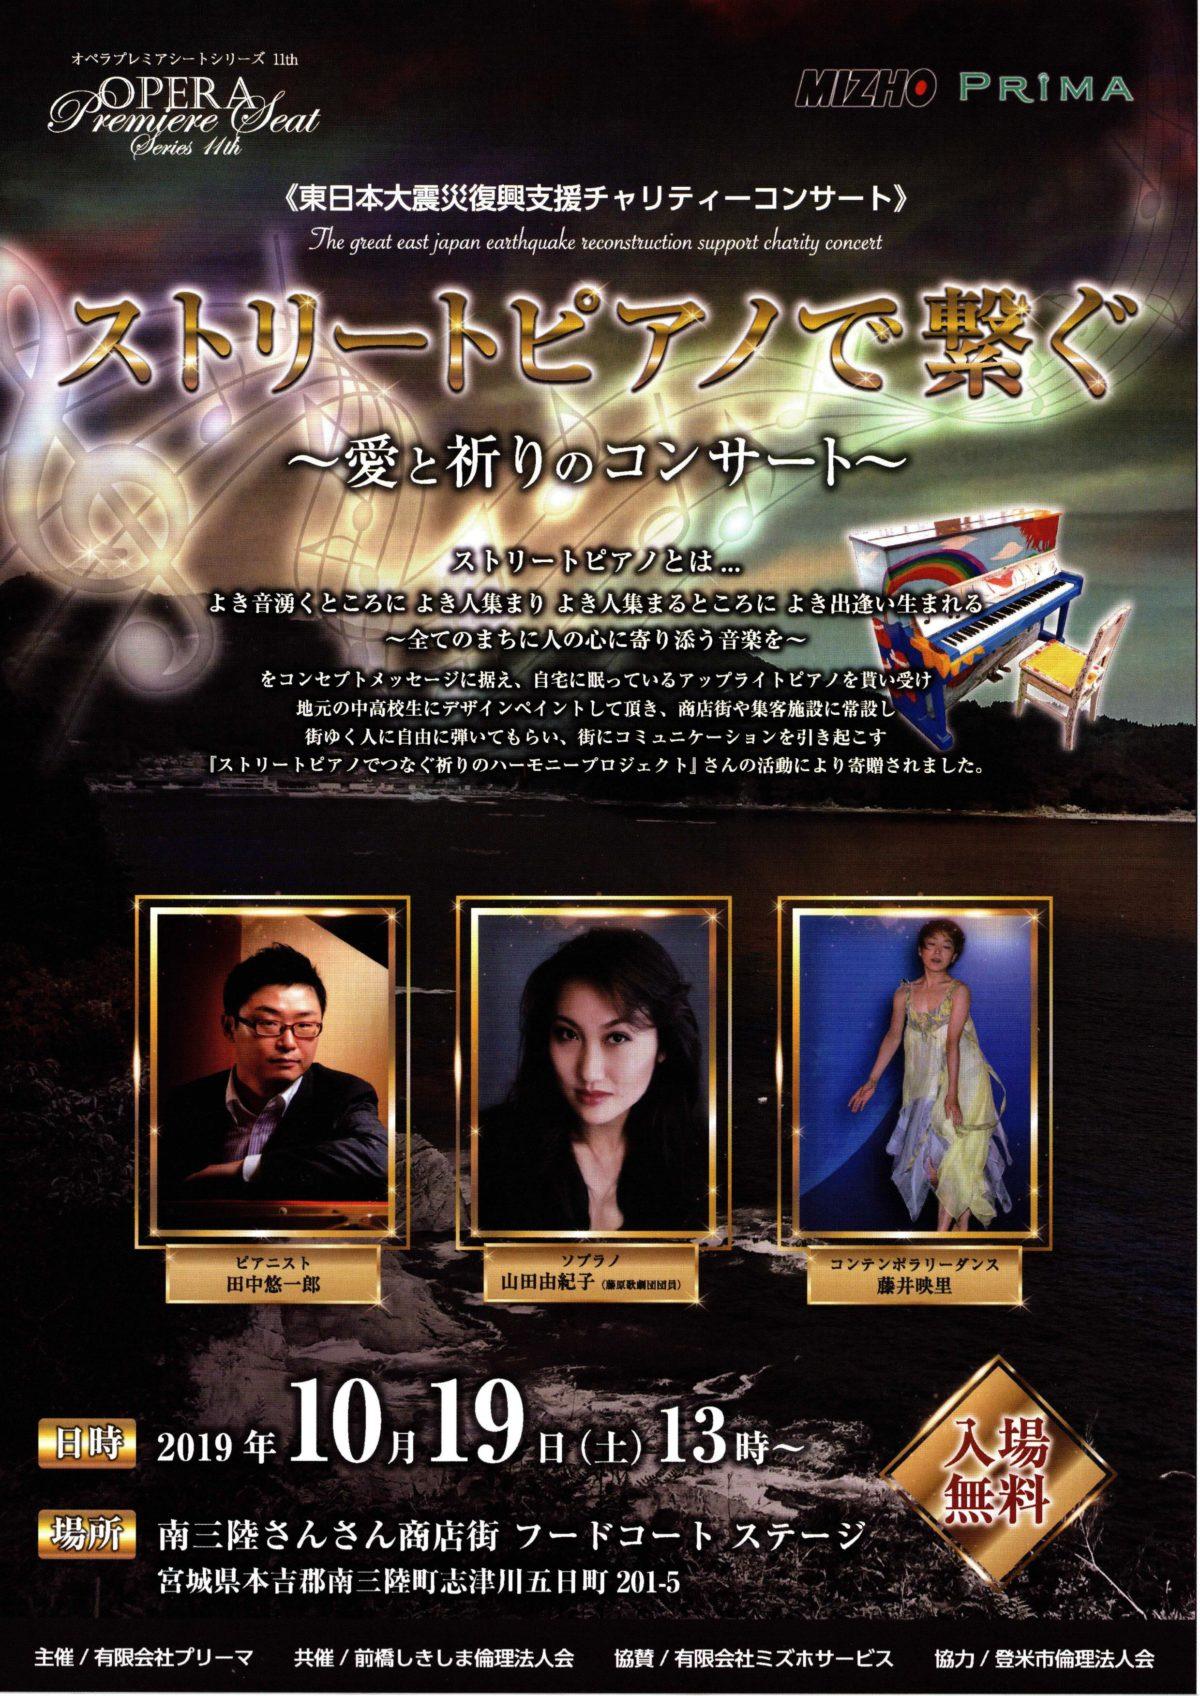 来週末10月19日(土)『ストリートピアノで繋ぐ~愛と祈りのコンサート~』開催のお知らせ!